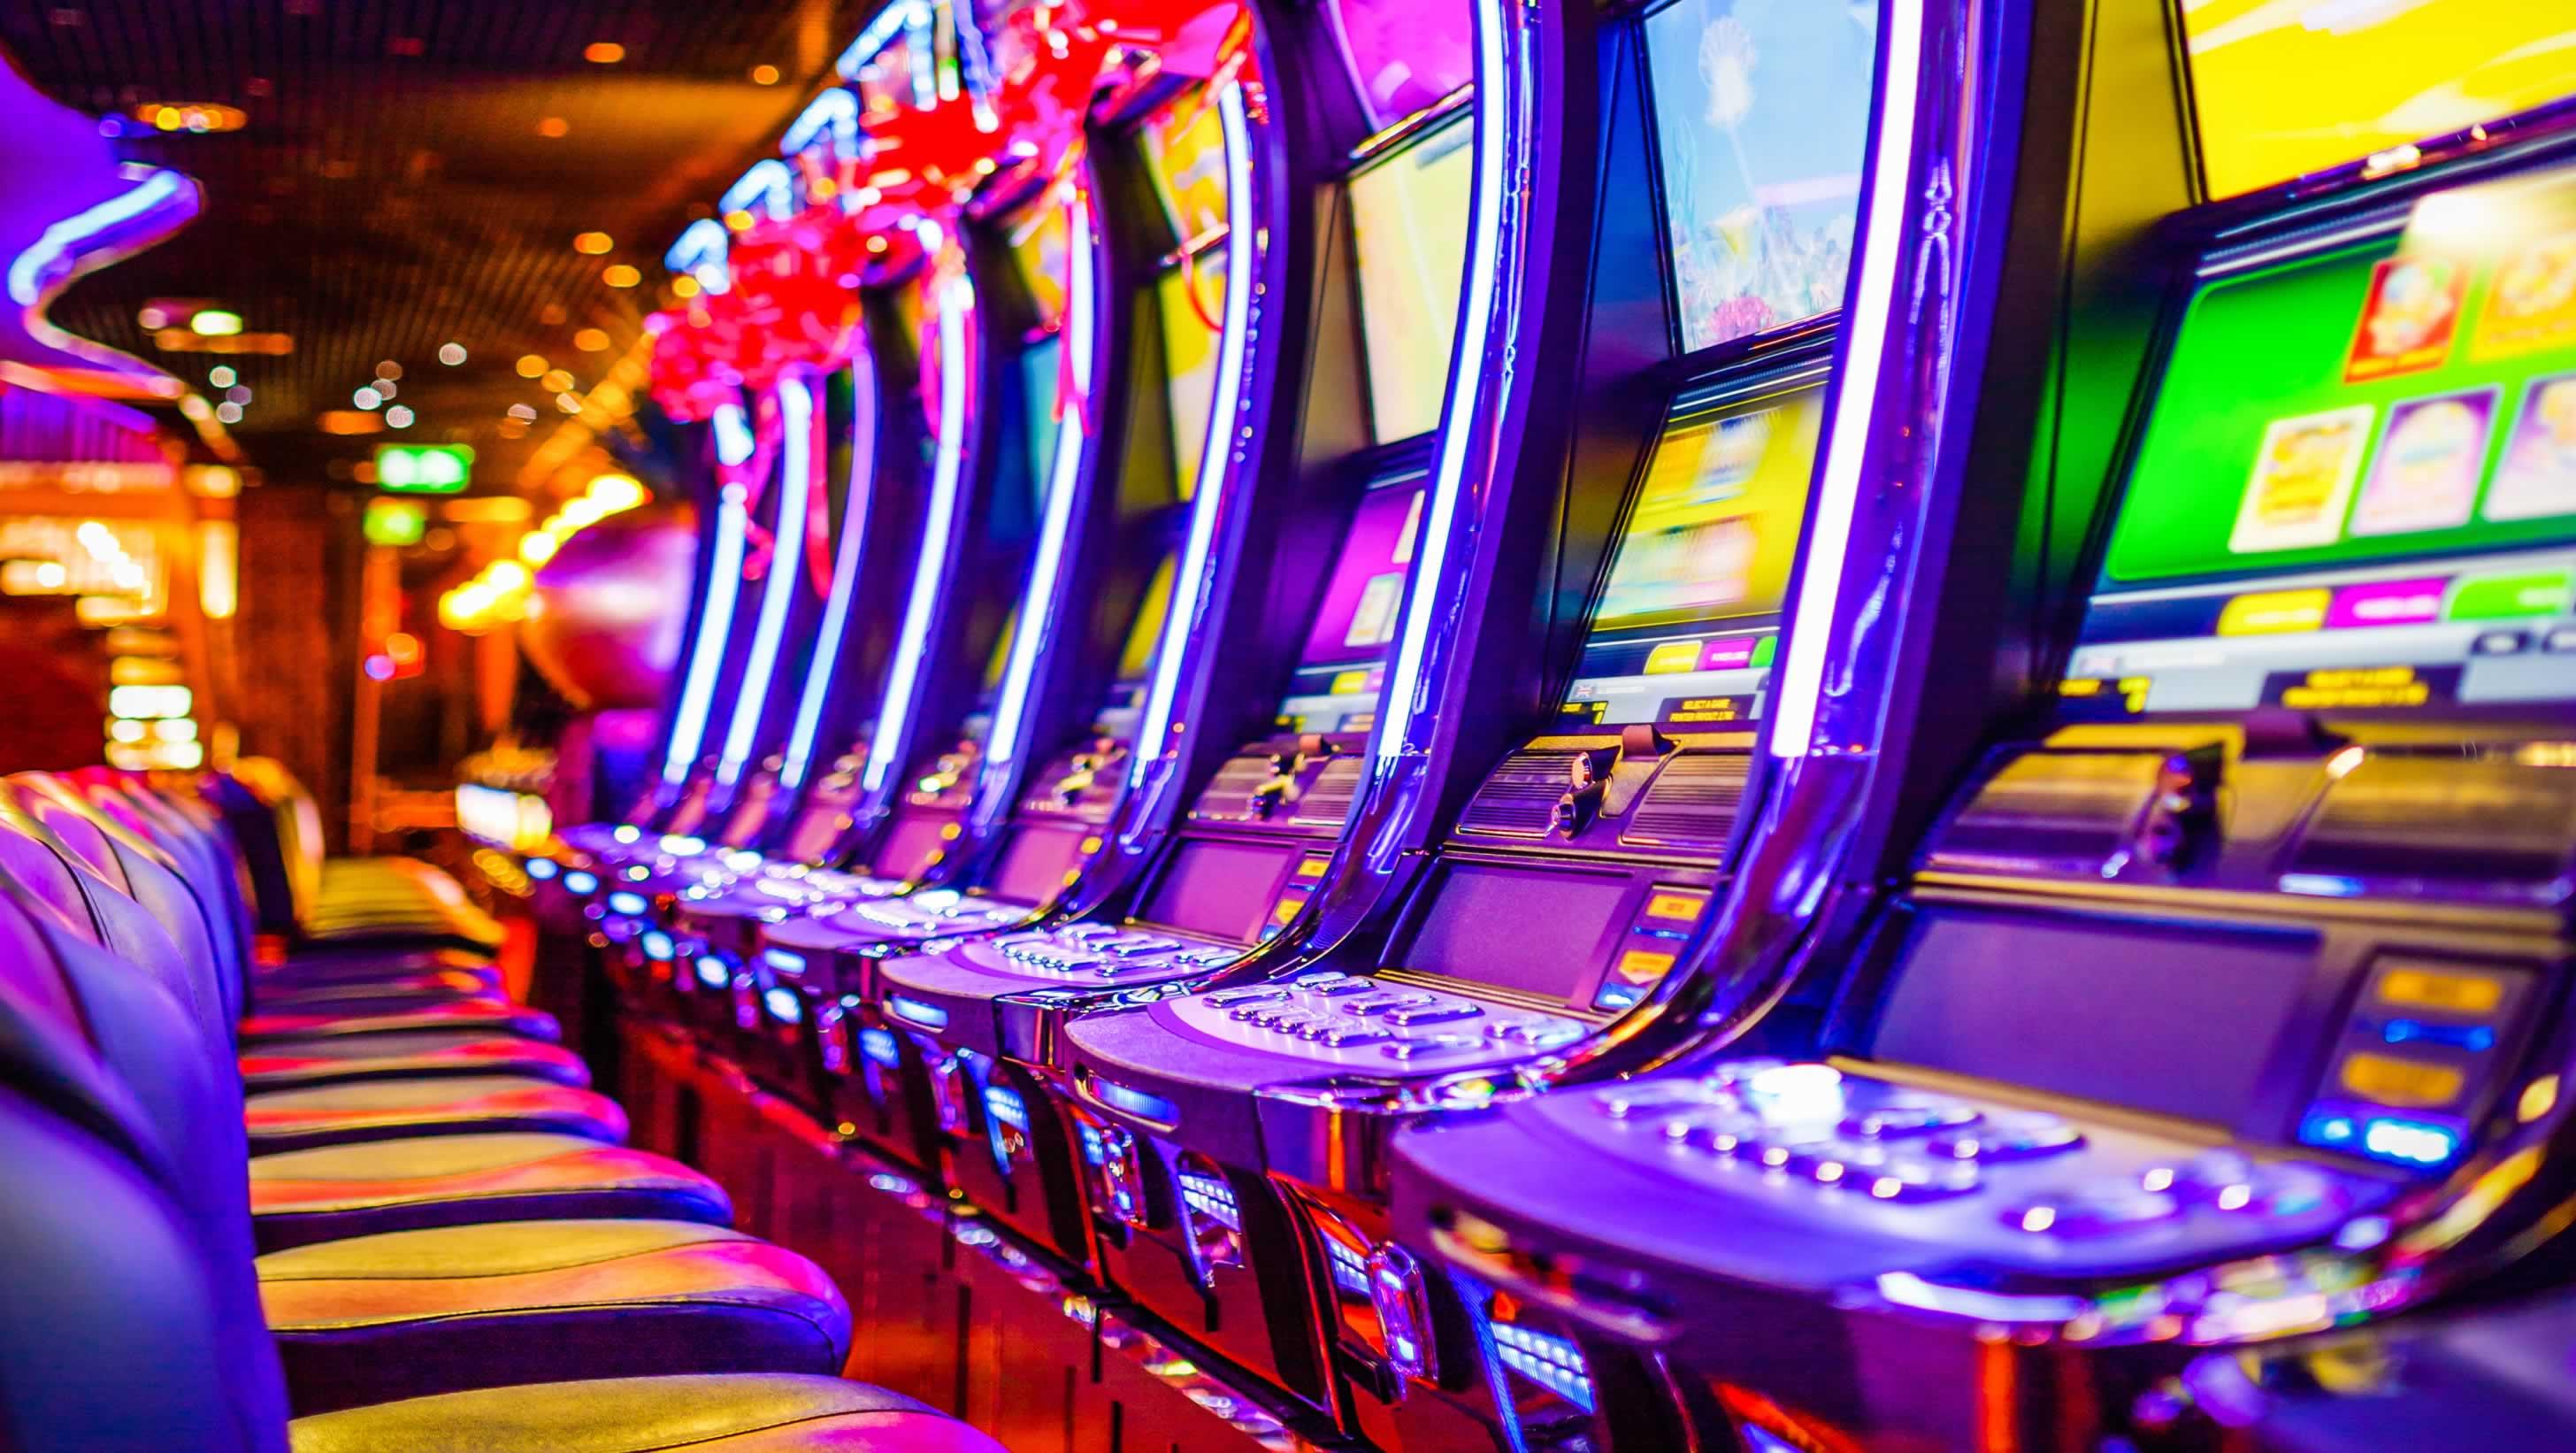 8 миллиардов рублей полковника захарченко оказались выигрышем в онлайн казино